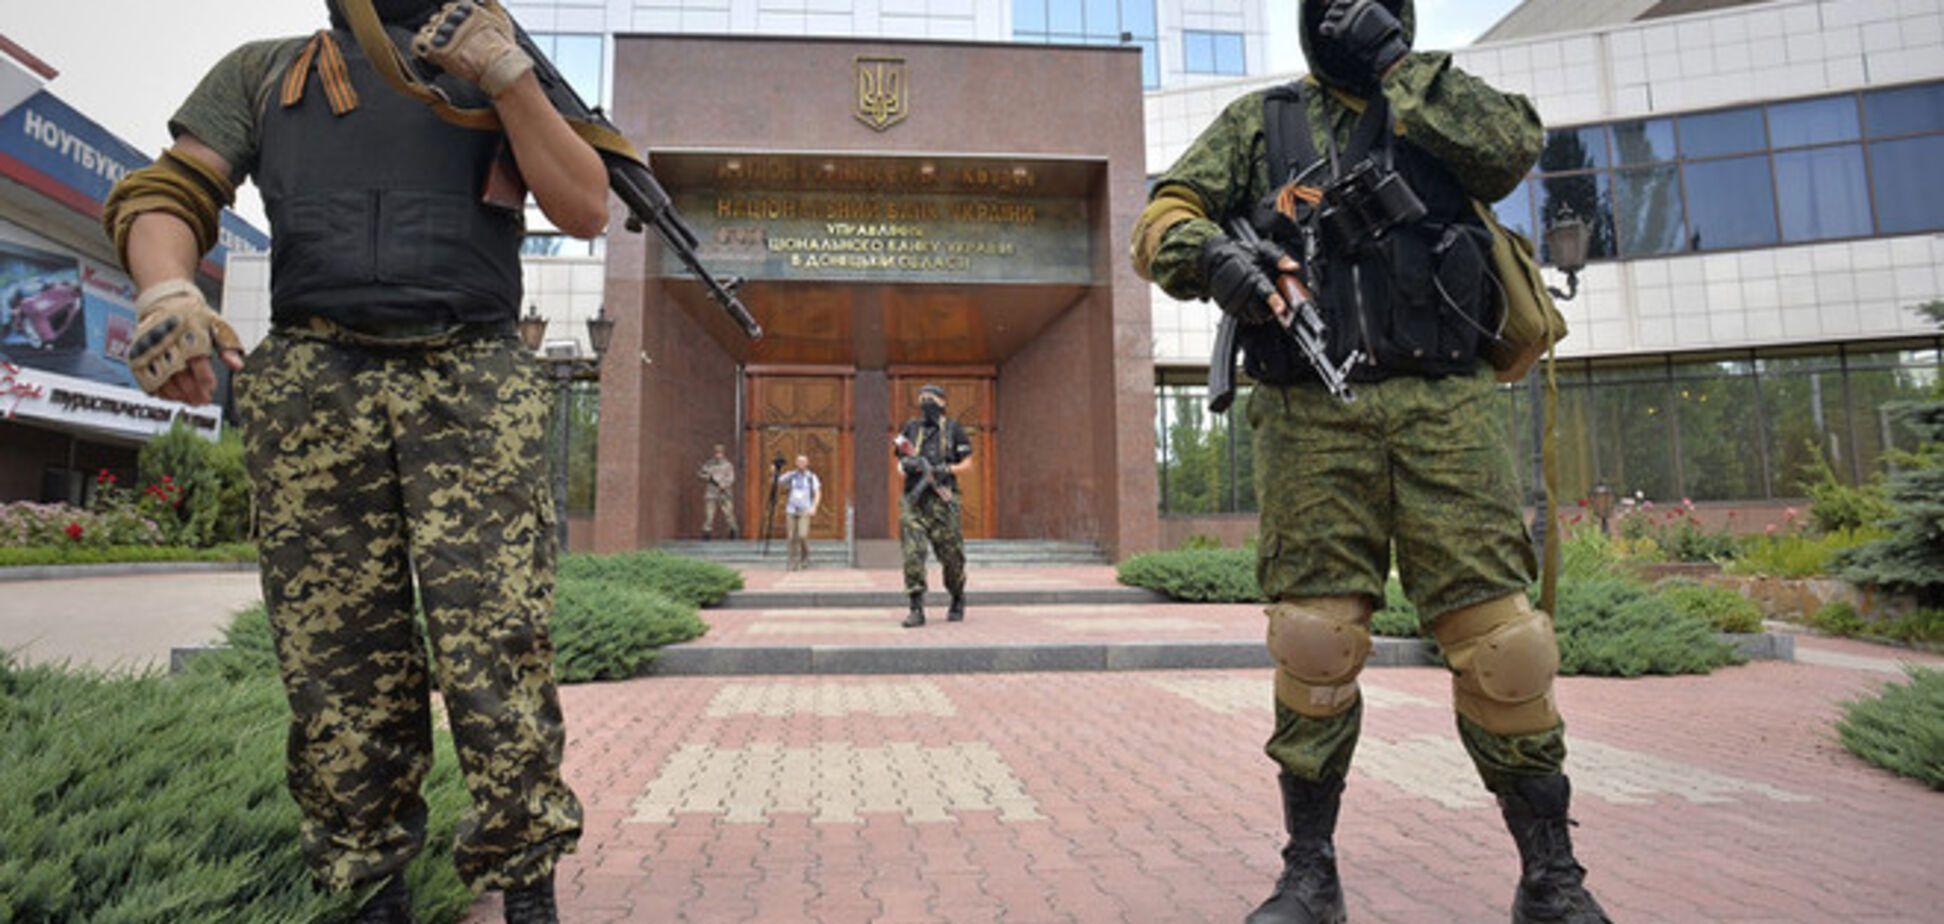 Неизвестные с оружием в руках ограбили кафедру Донецкого вуза на 100 тыс. грн